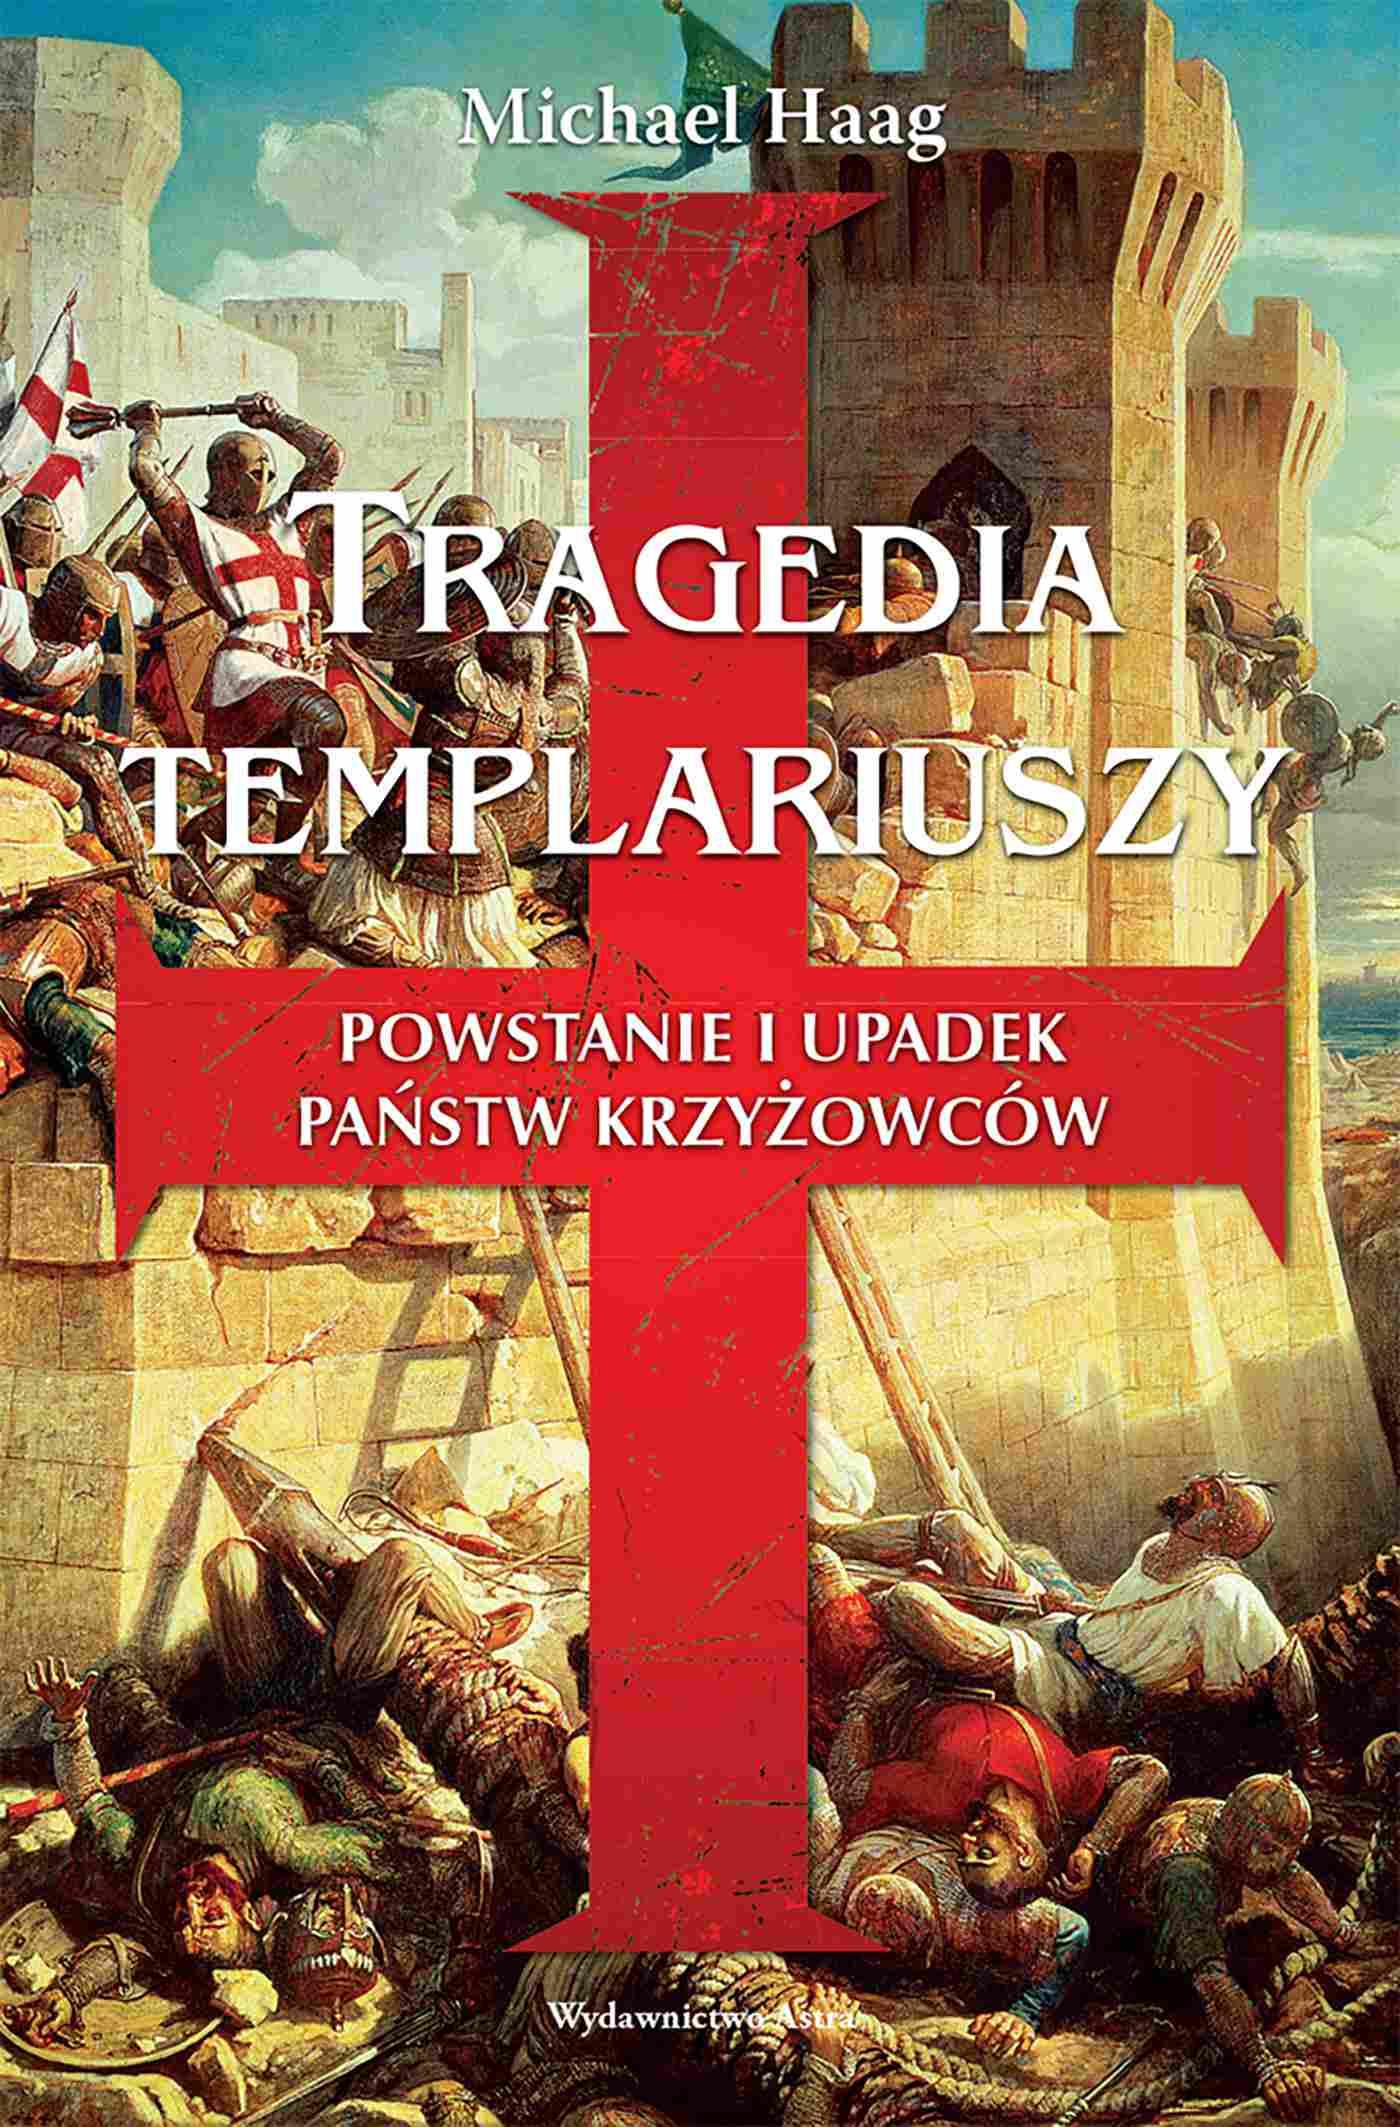 Tragedia templariuszy. Powstanie i upadek państw krzyżowców - Ebook (Książka EPUB) do pobrania w formacie EPUB